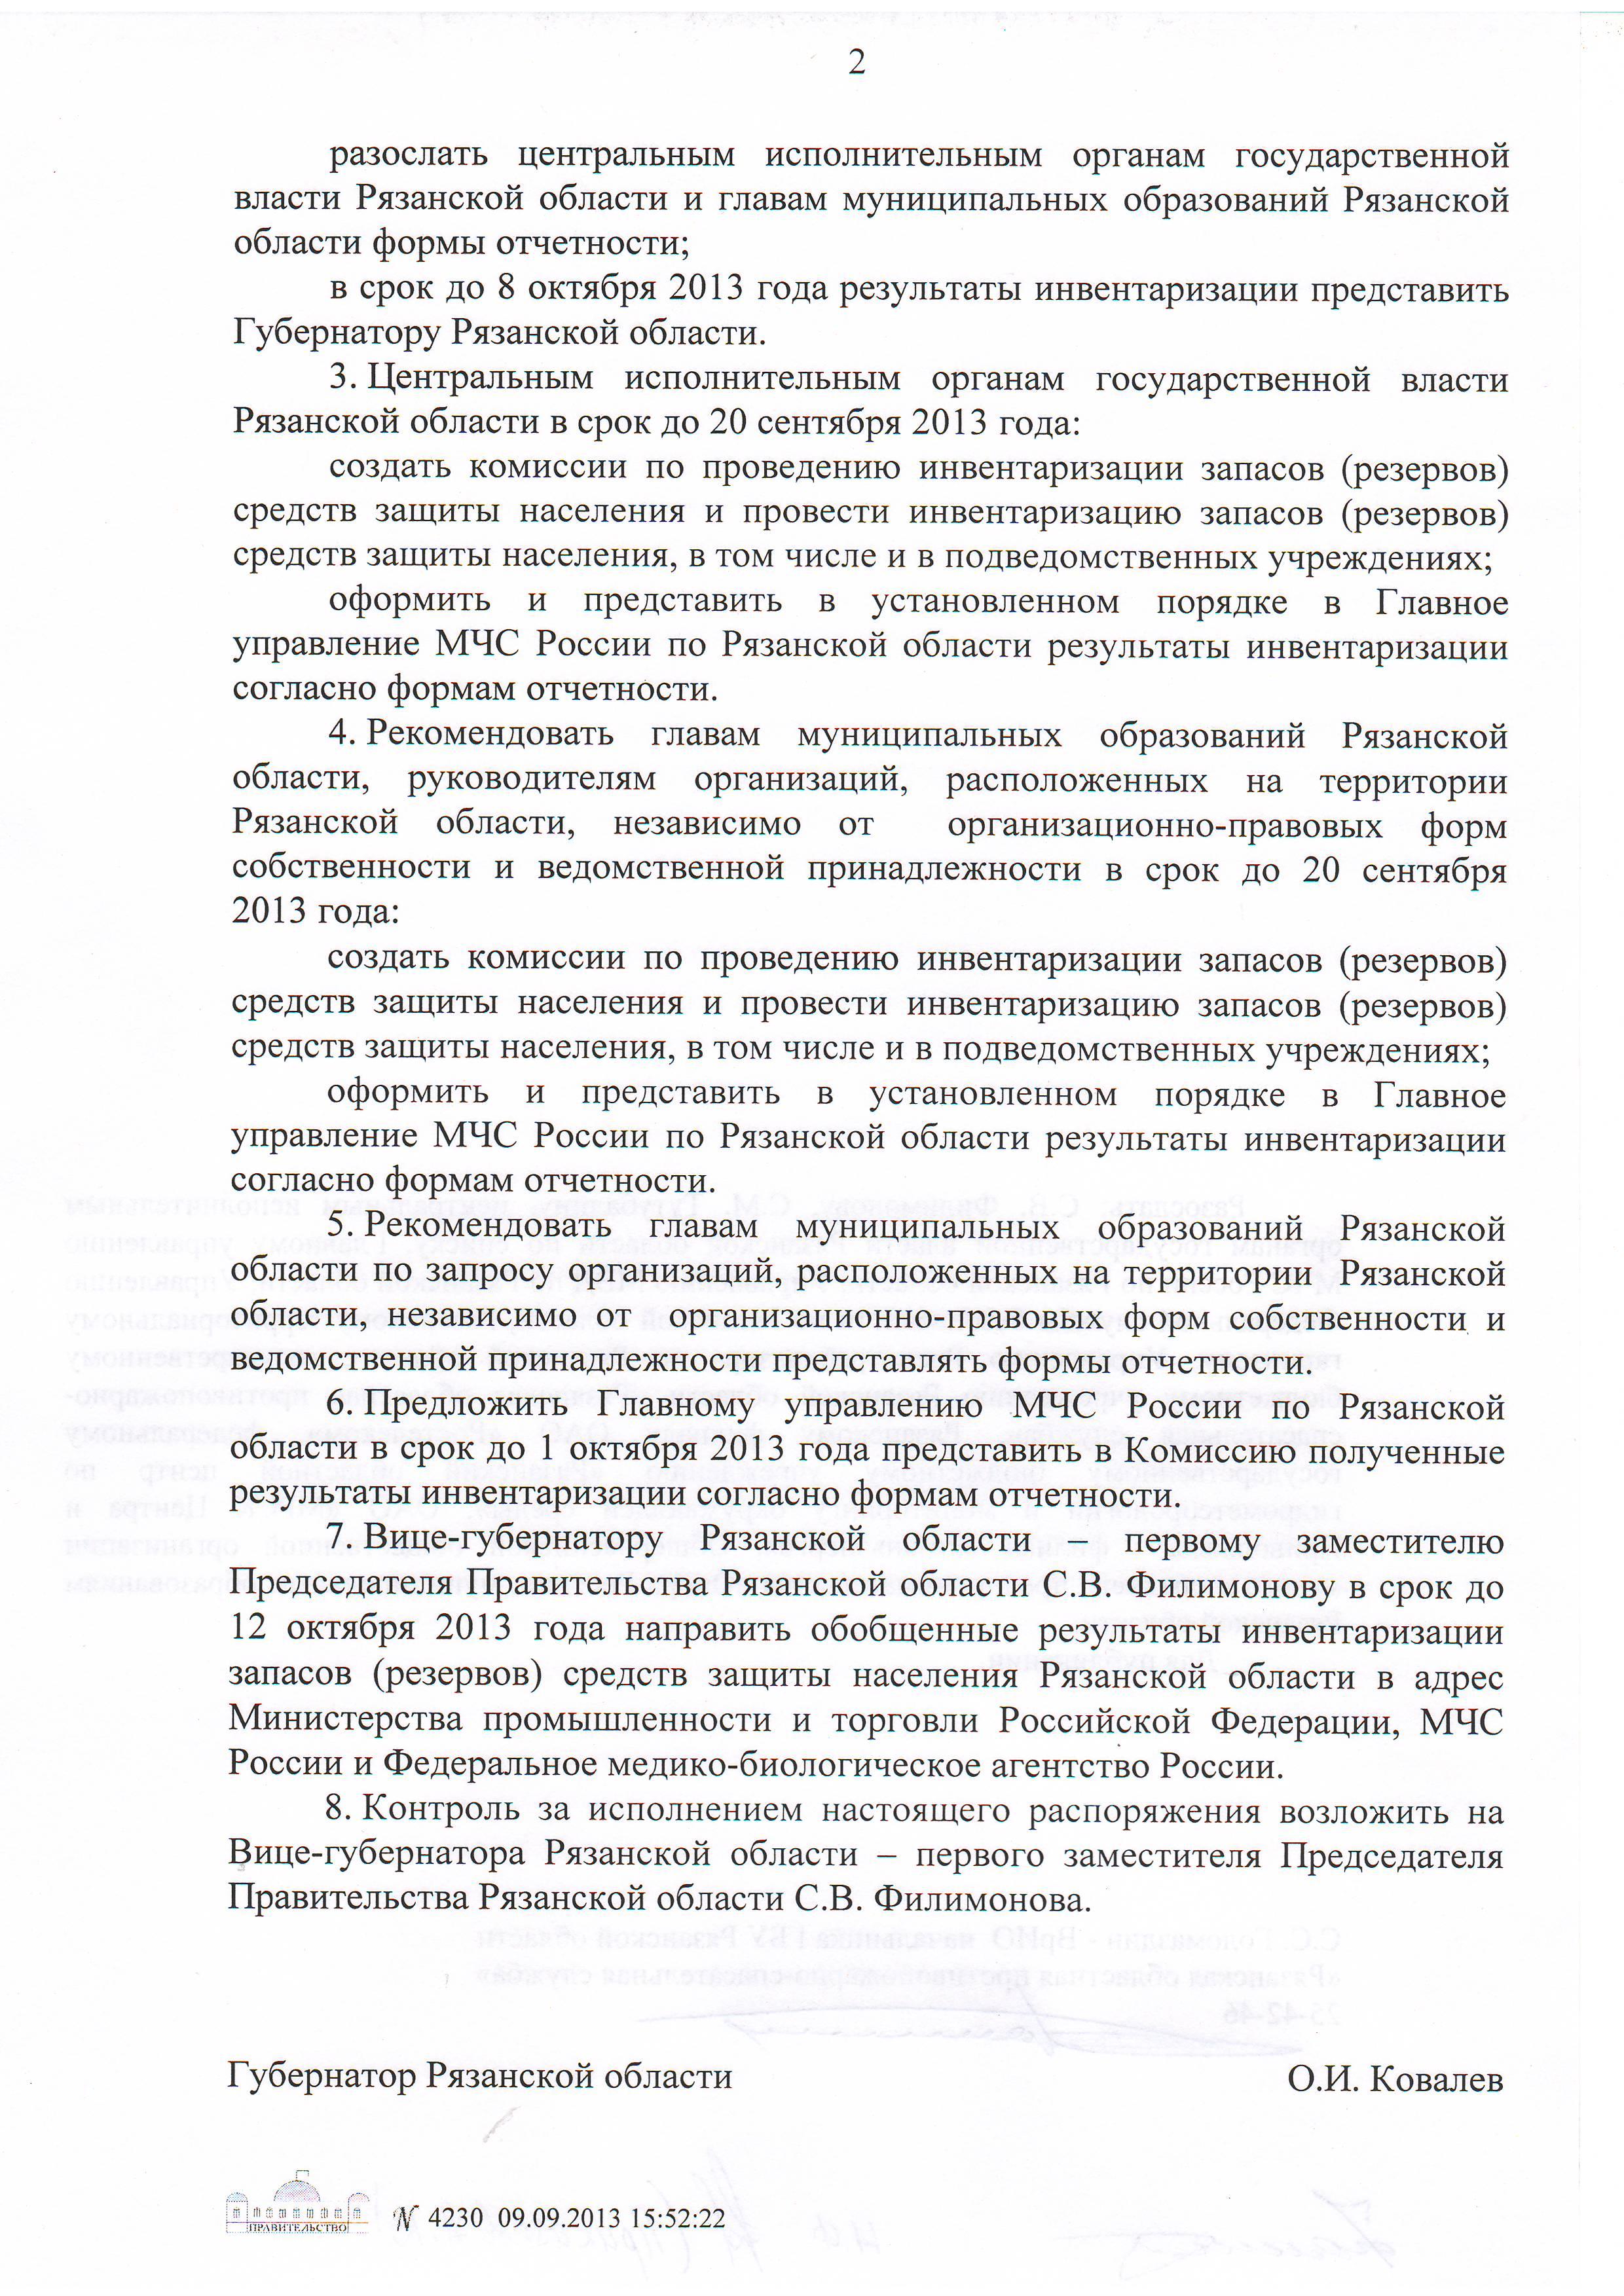 Распоряжение Правительства Рязанской области по инвентаризации СИЗ от 10.09.2013 г.